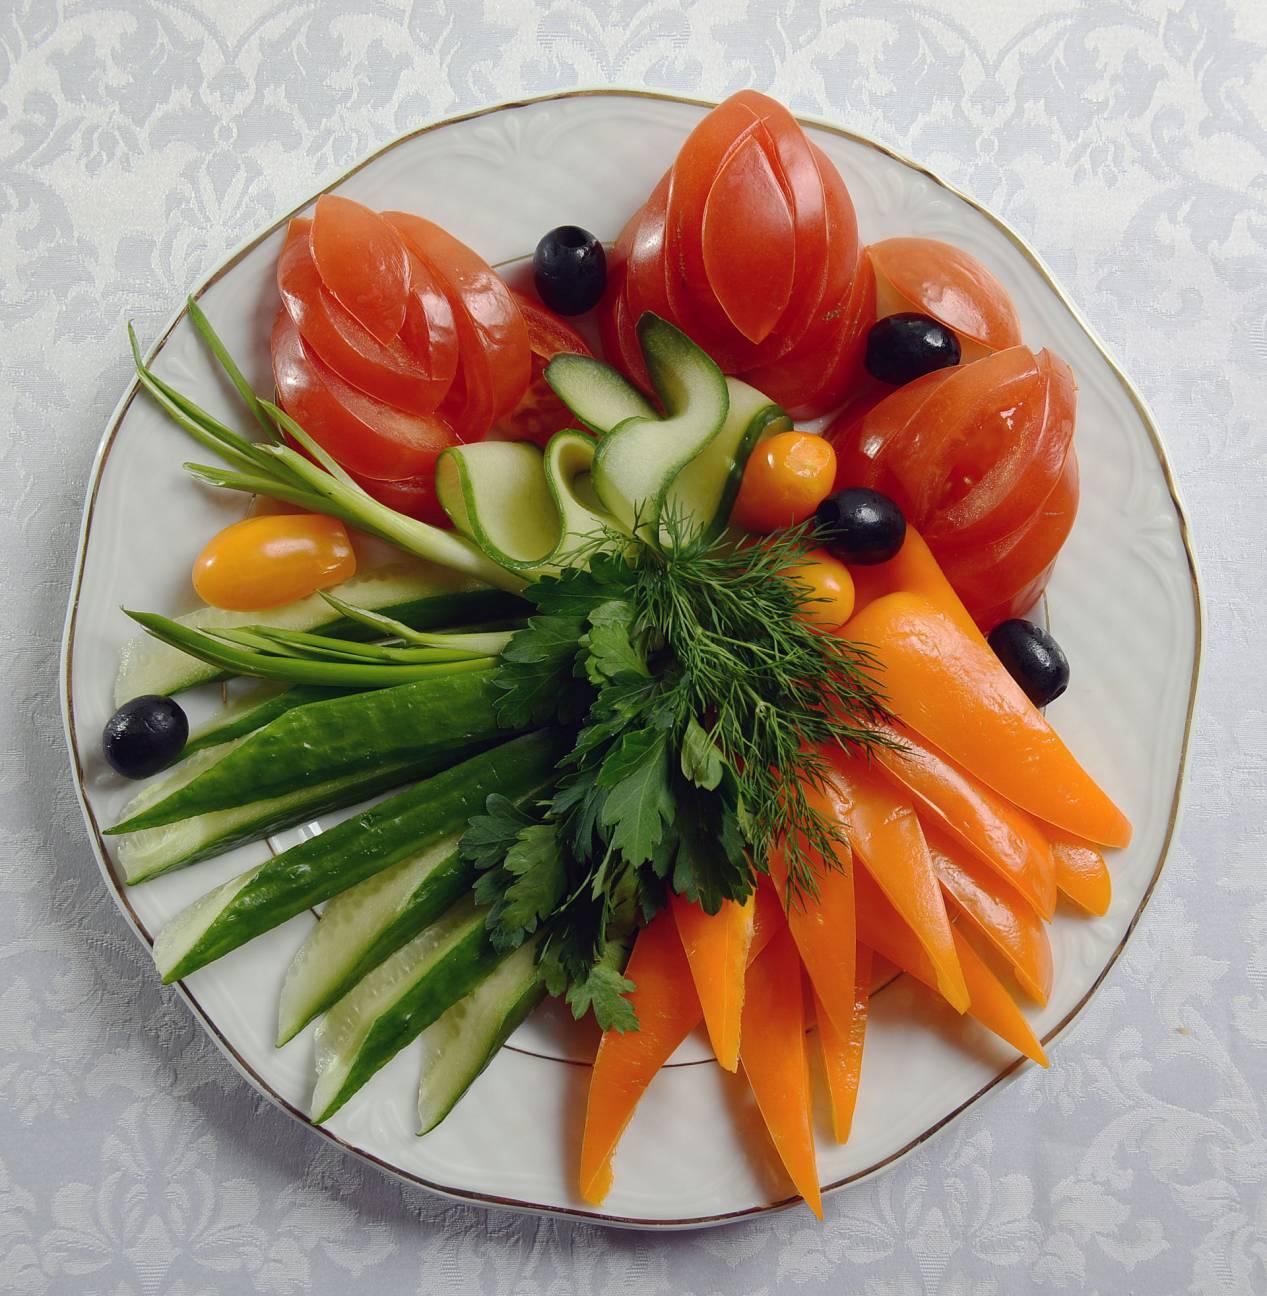 украшения на блюда из овощей с фото годности есть всех